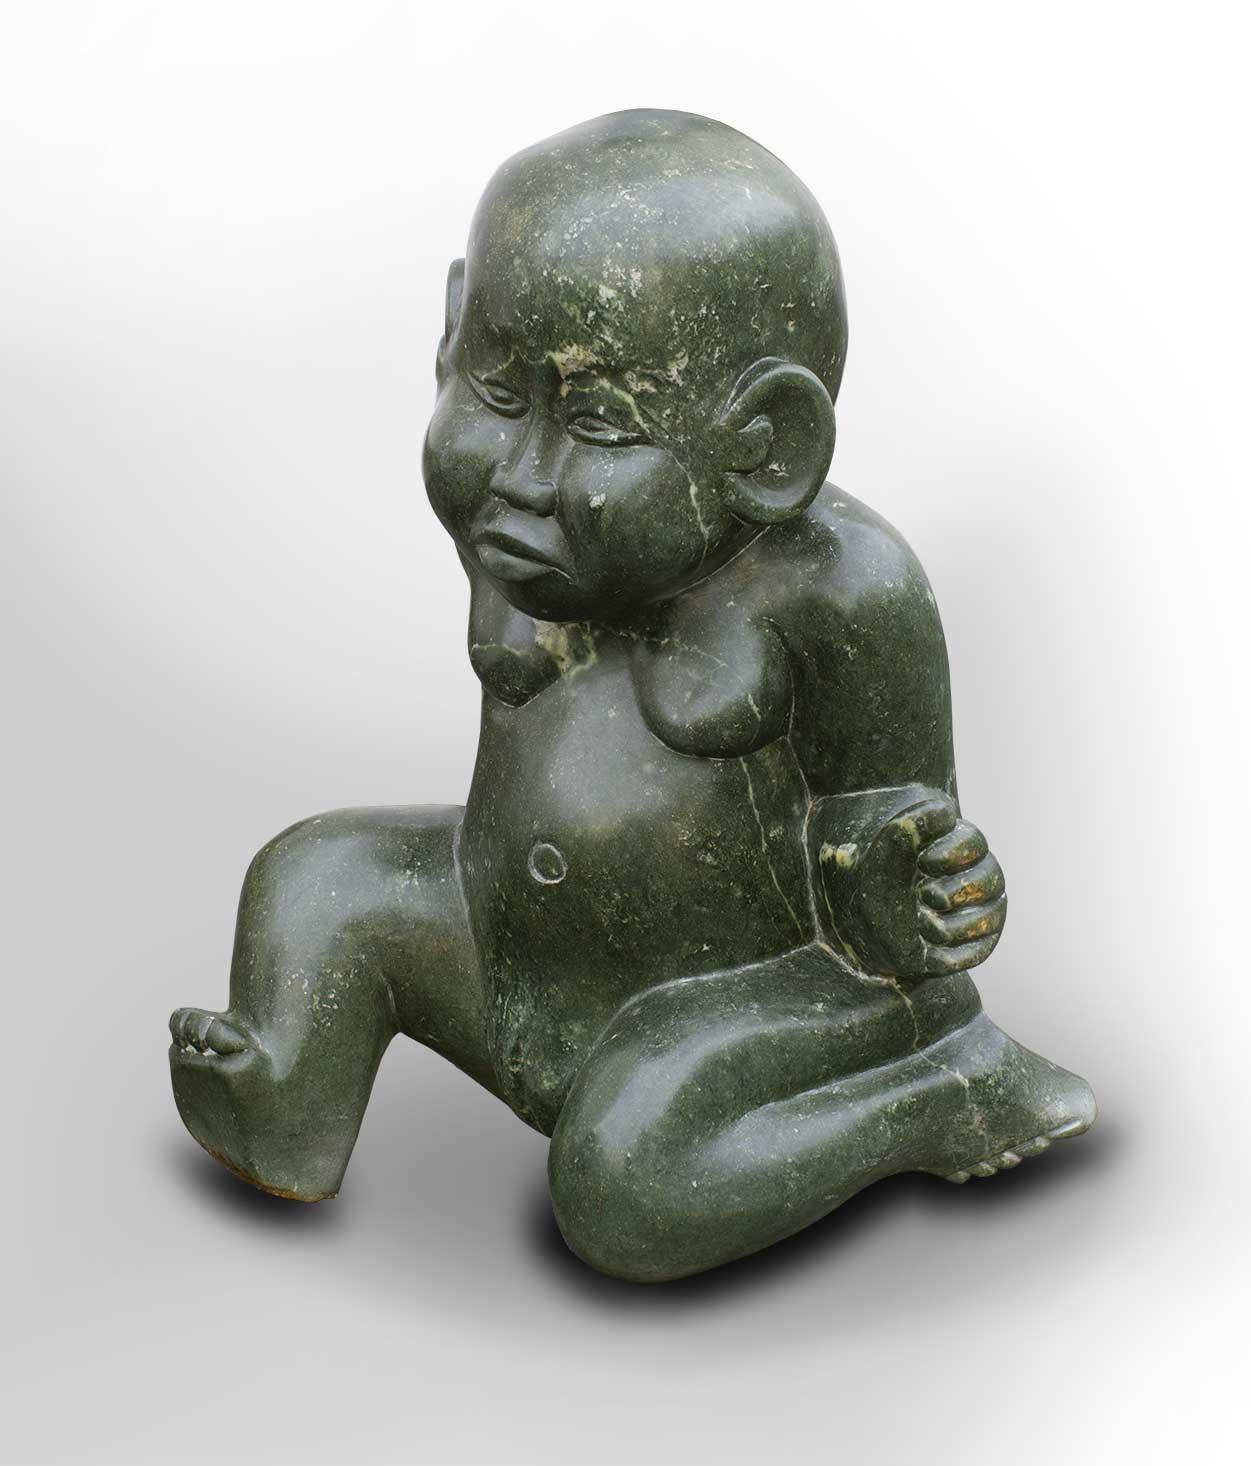 Garden stone sculpture angry babies neuerraum